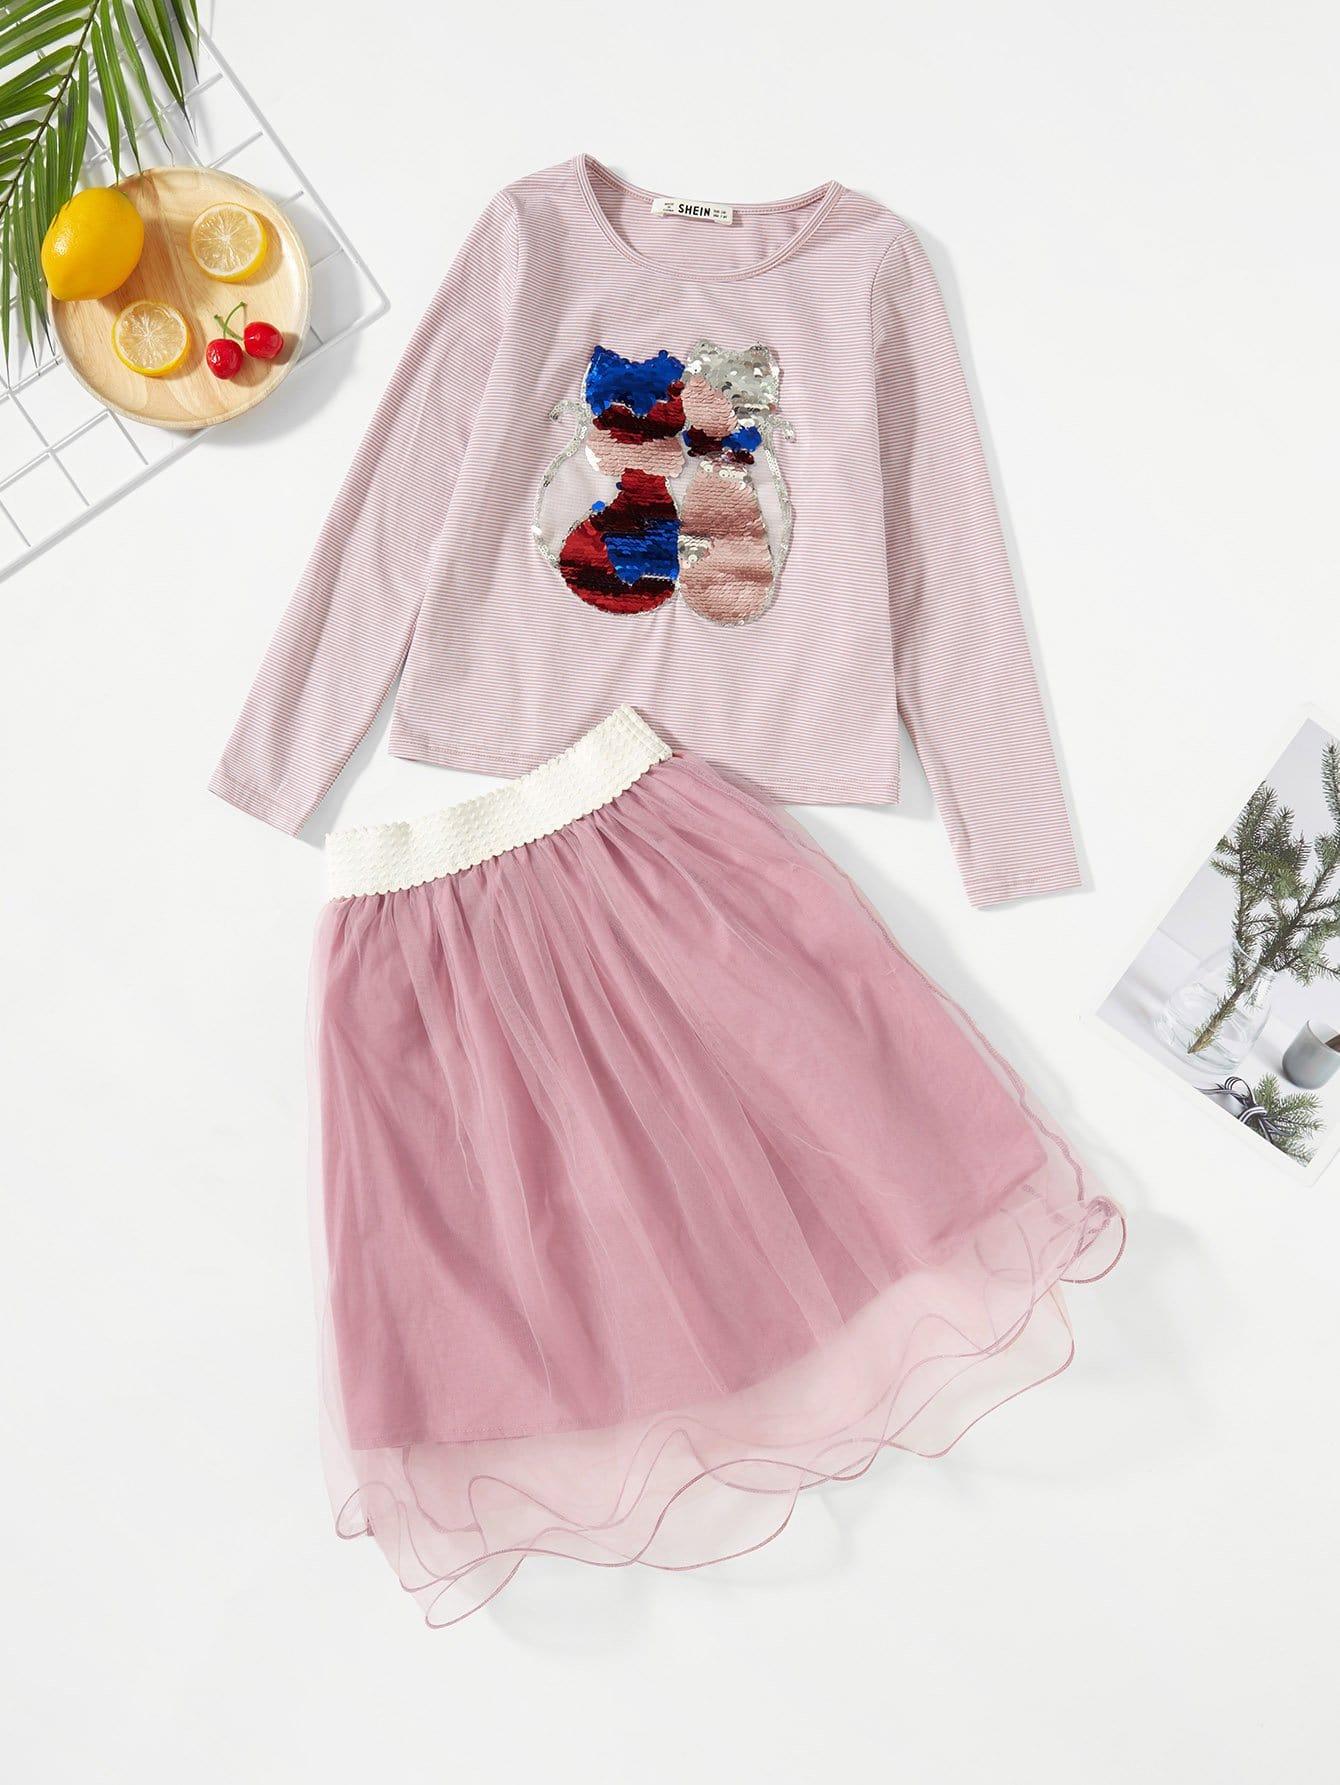 Купить Блузка с рисунком кота и со симметрическими пайетки и сетчатая юбка для девочки, null, SheIn